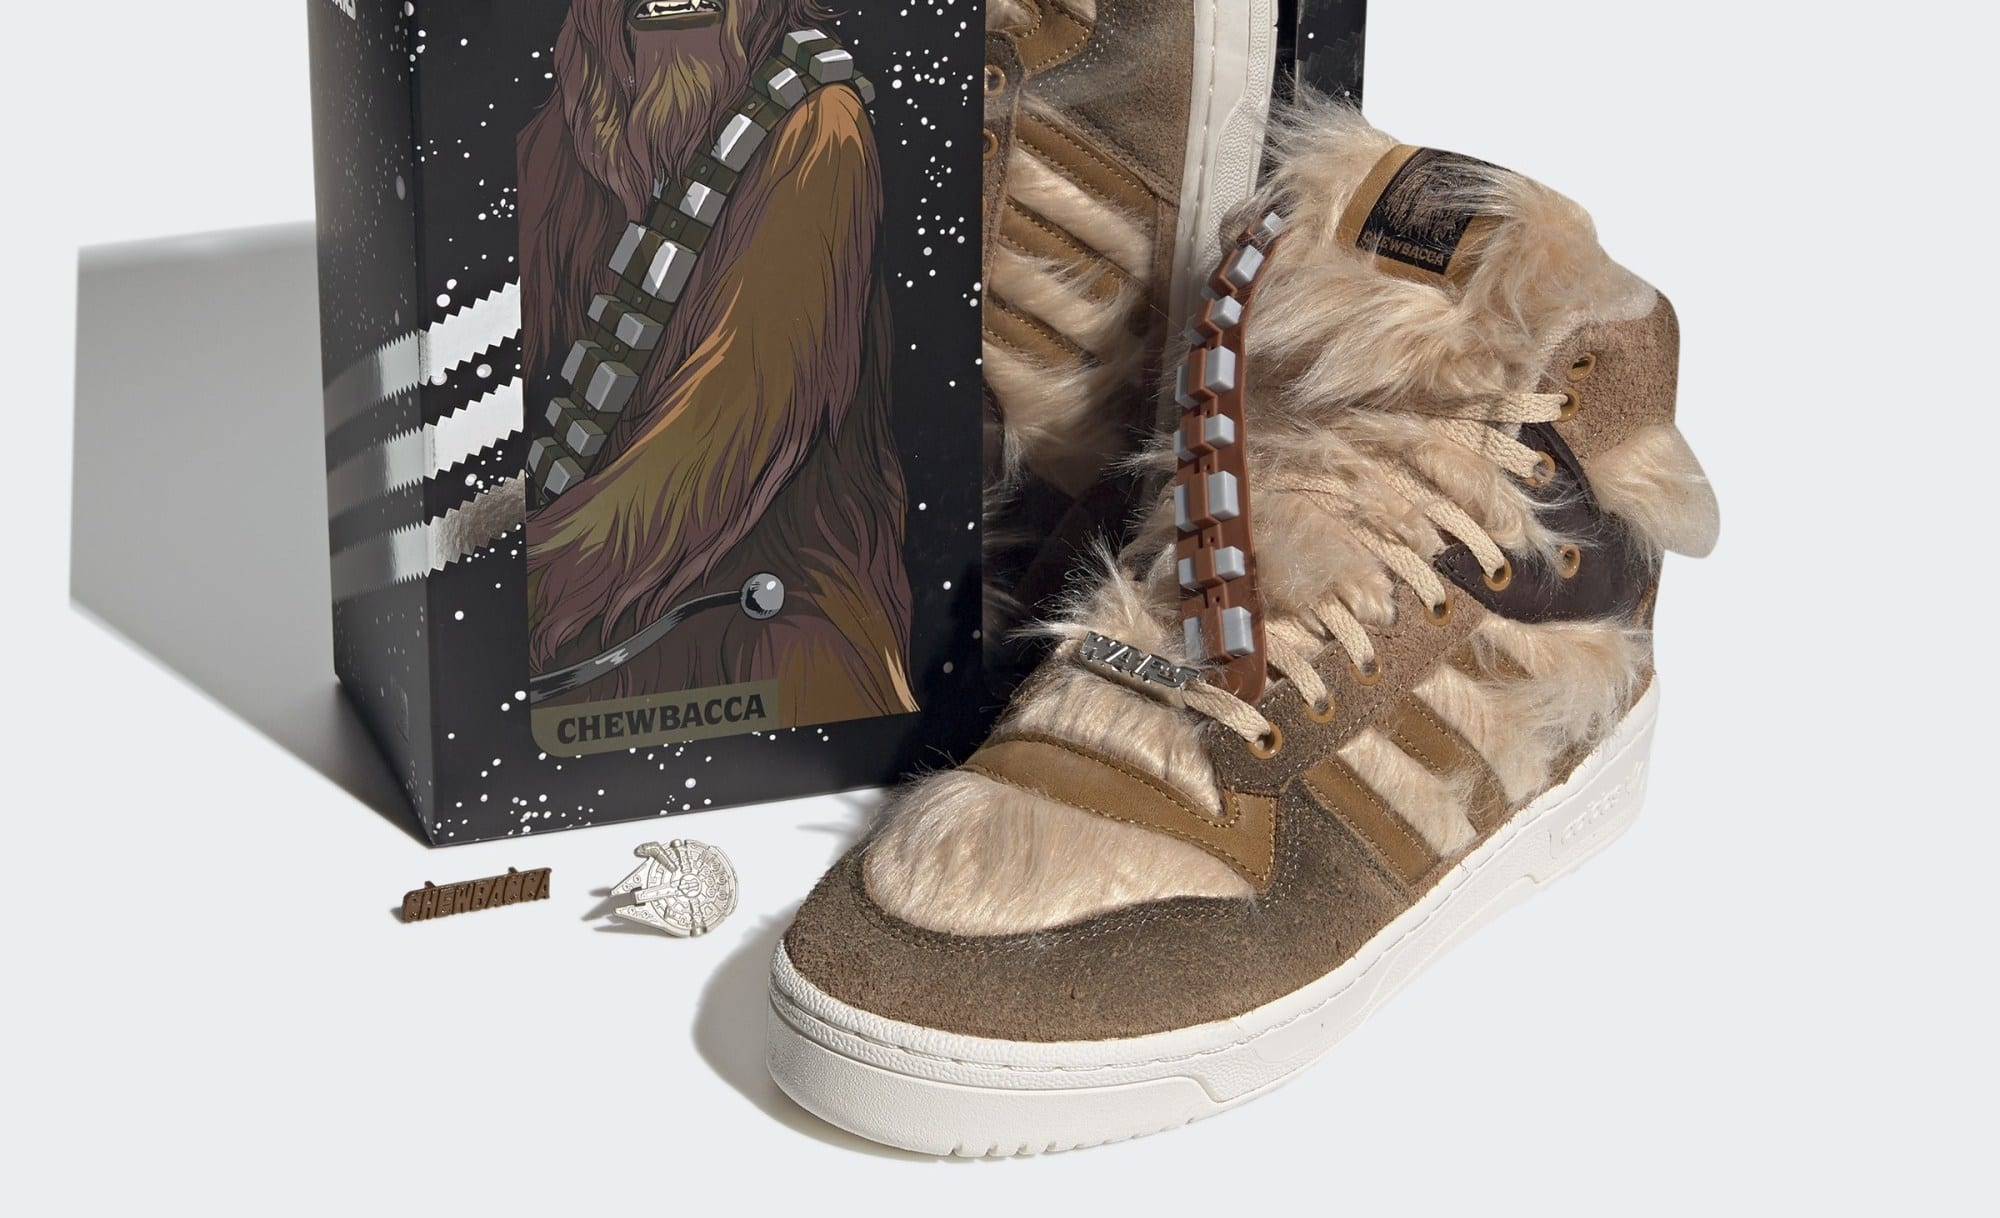 Adidas Rivalry Hi Star Wars Chewbacca in arrivo il 22 ottobre